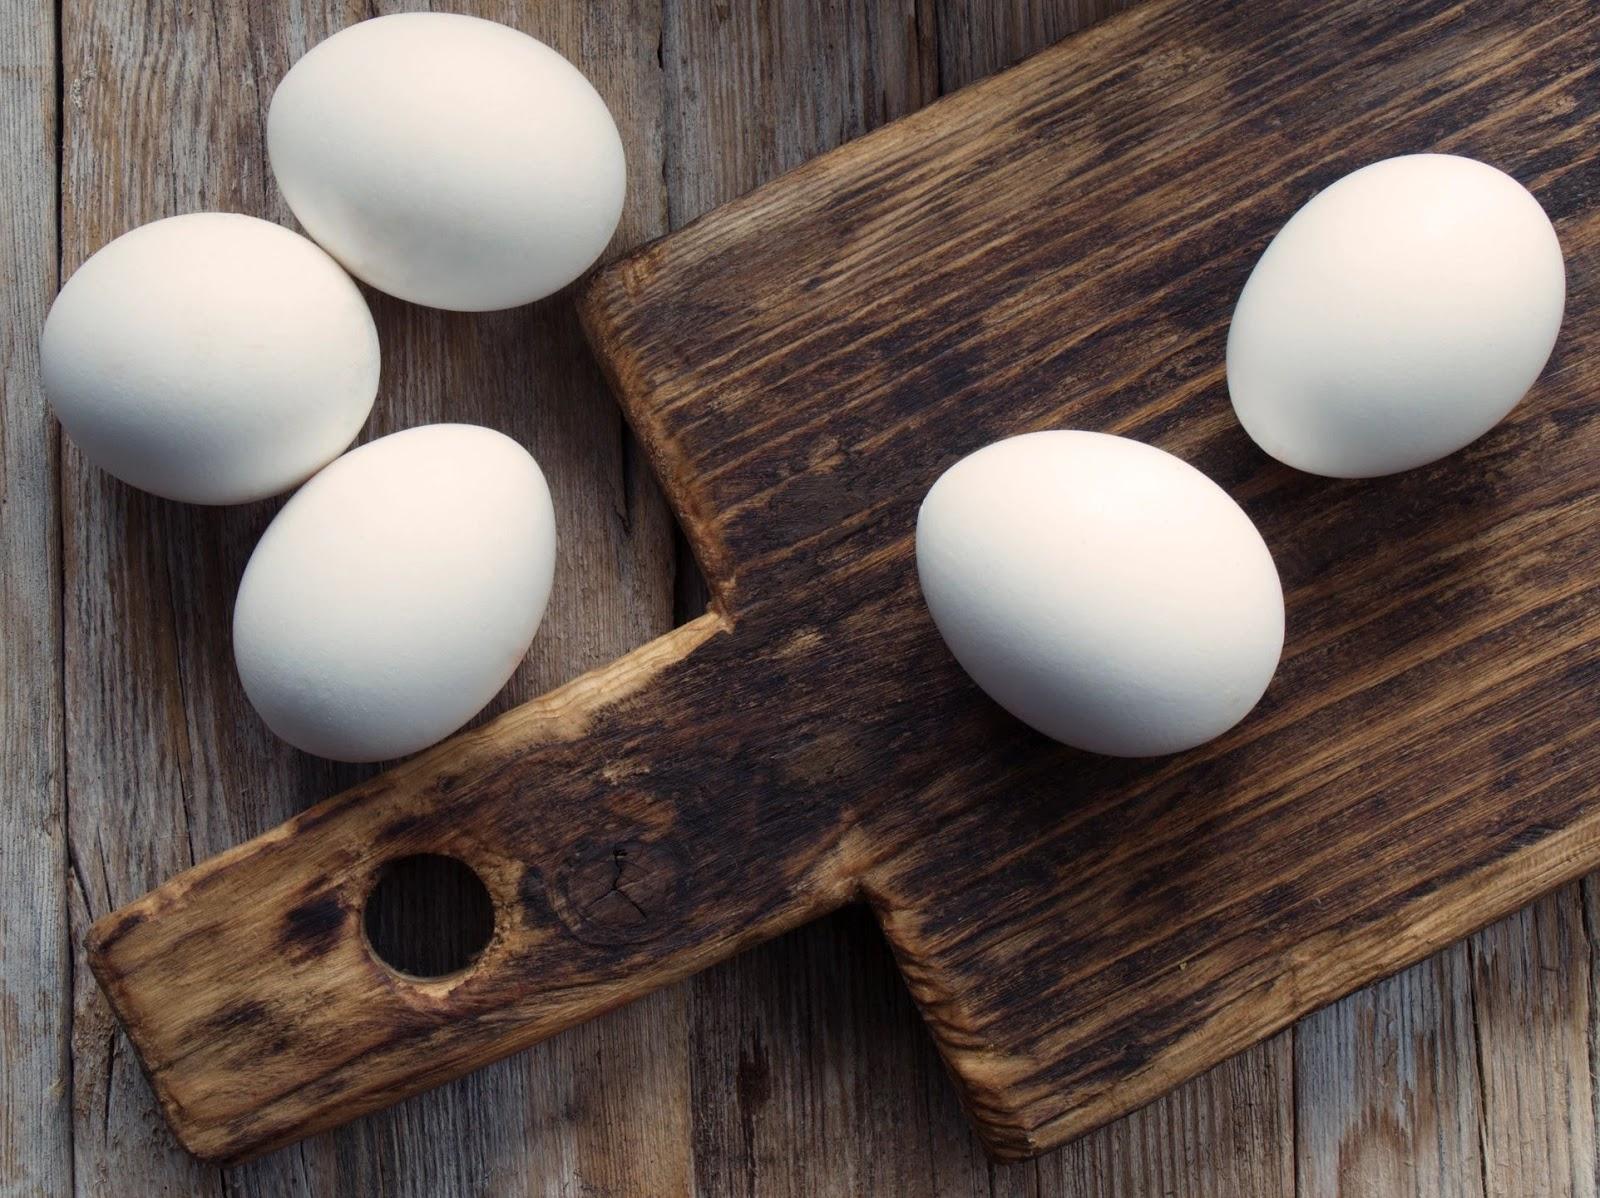 Ovos podem destruir a gravidade?